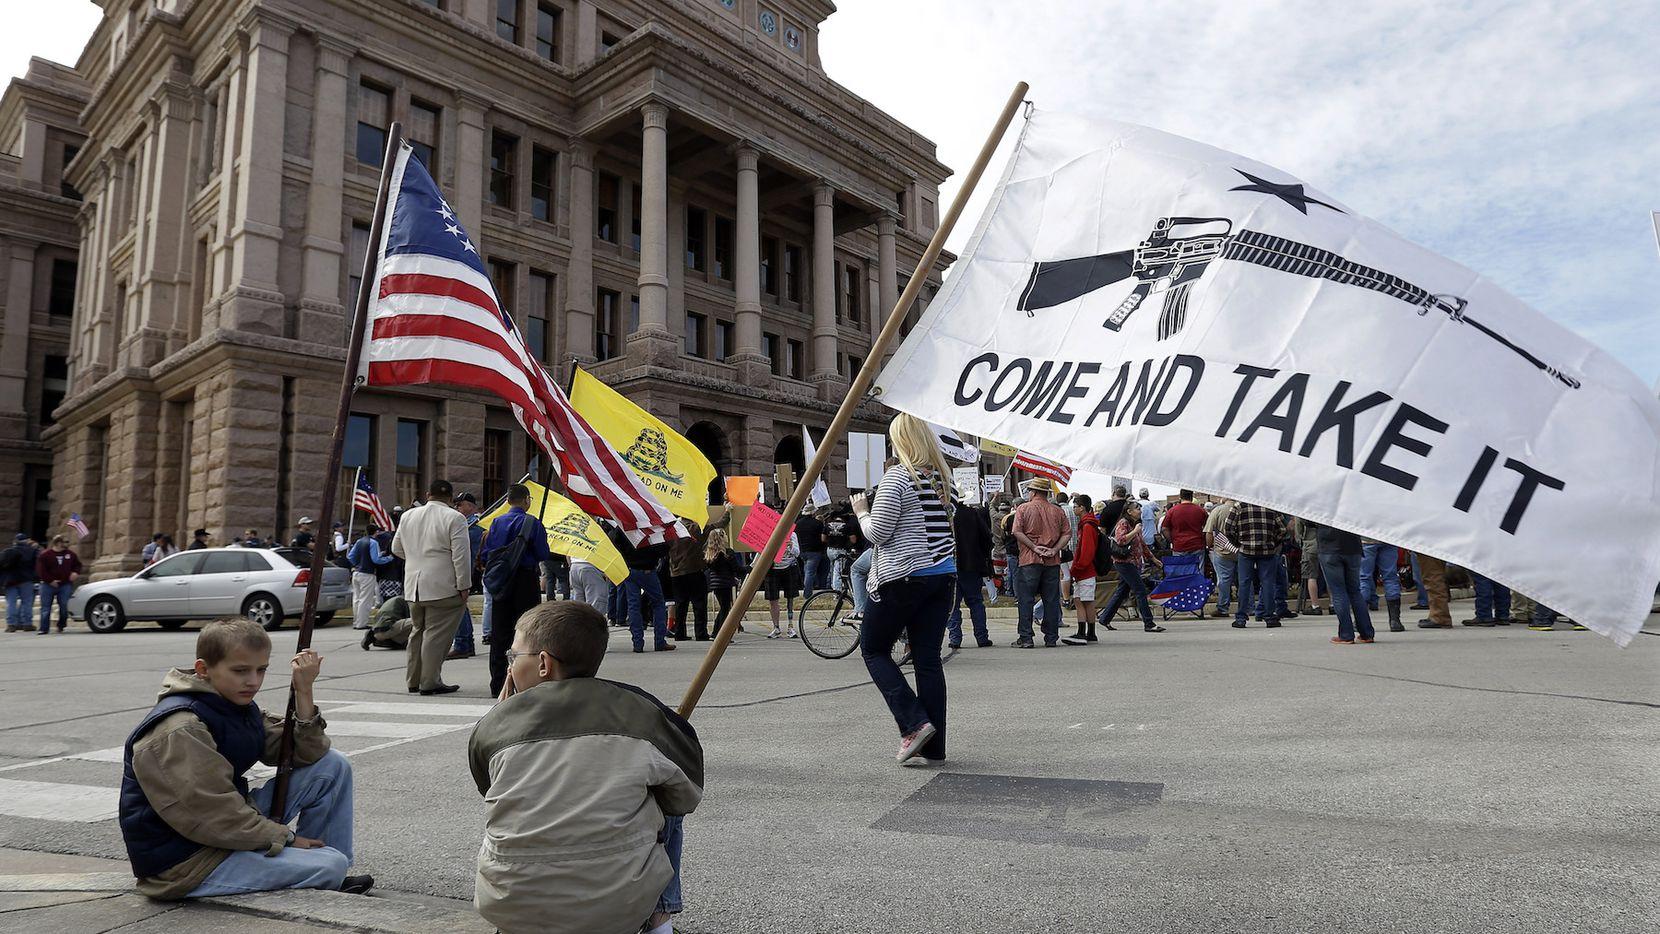 Personas afiliadas a la Asociación Nacional del Rifle se manifiestan afuera del Capitolio en Austin, Texas.